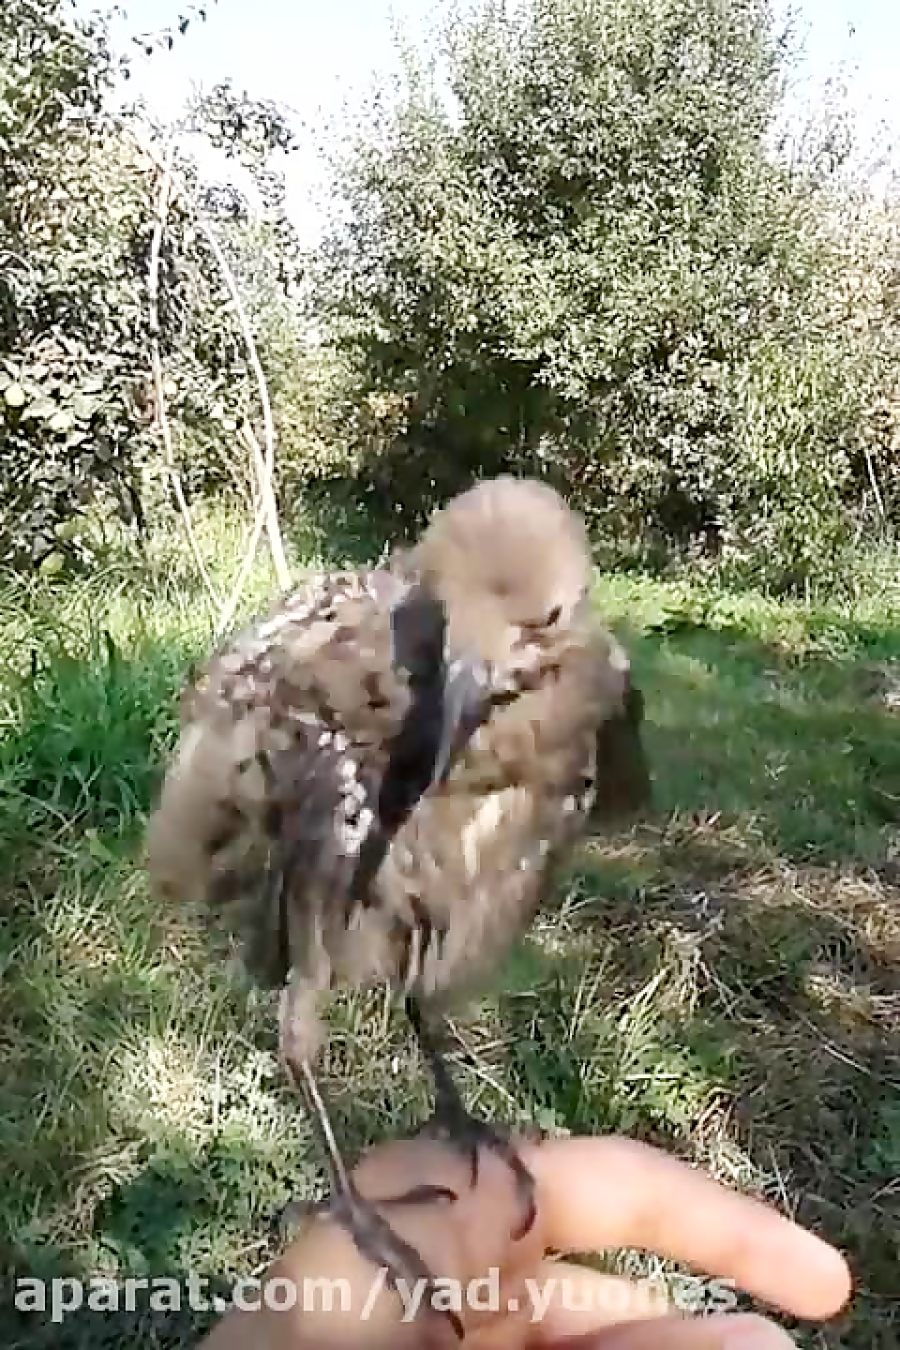 سار دست آموز و آراستن پرو بالش توی باغ(YAD)